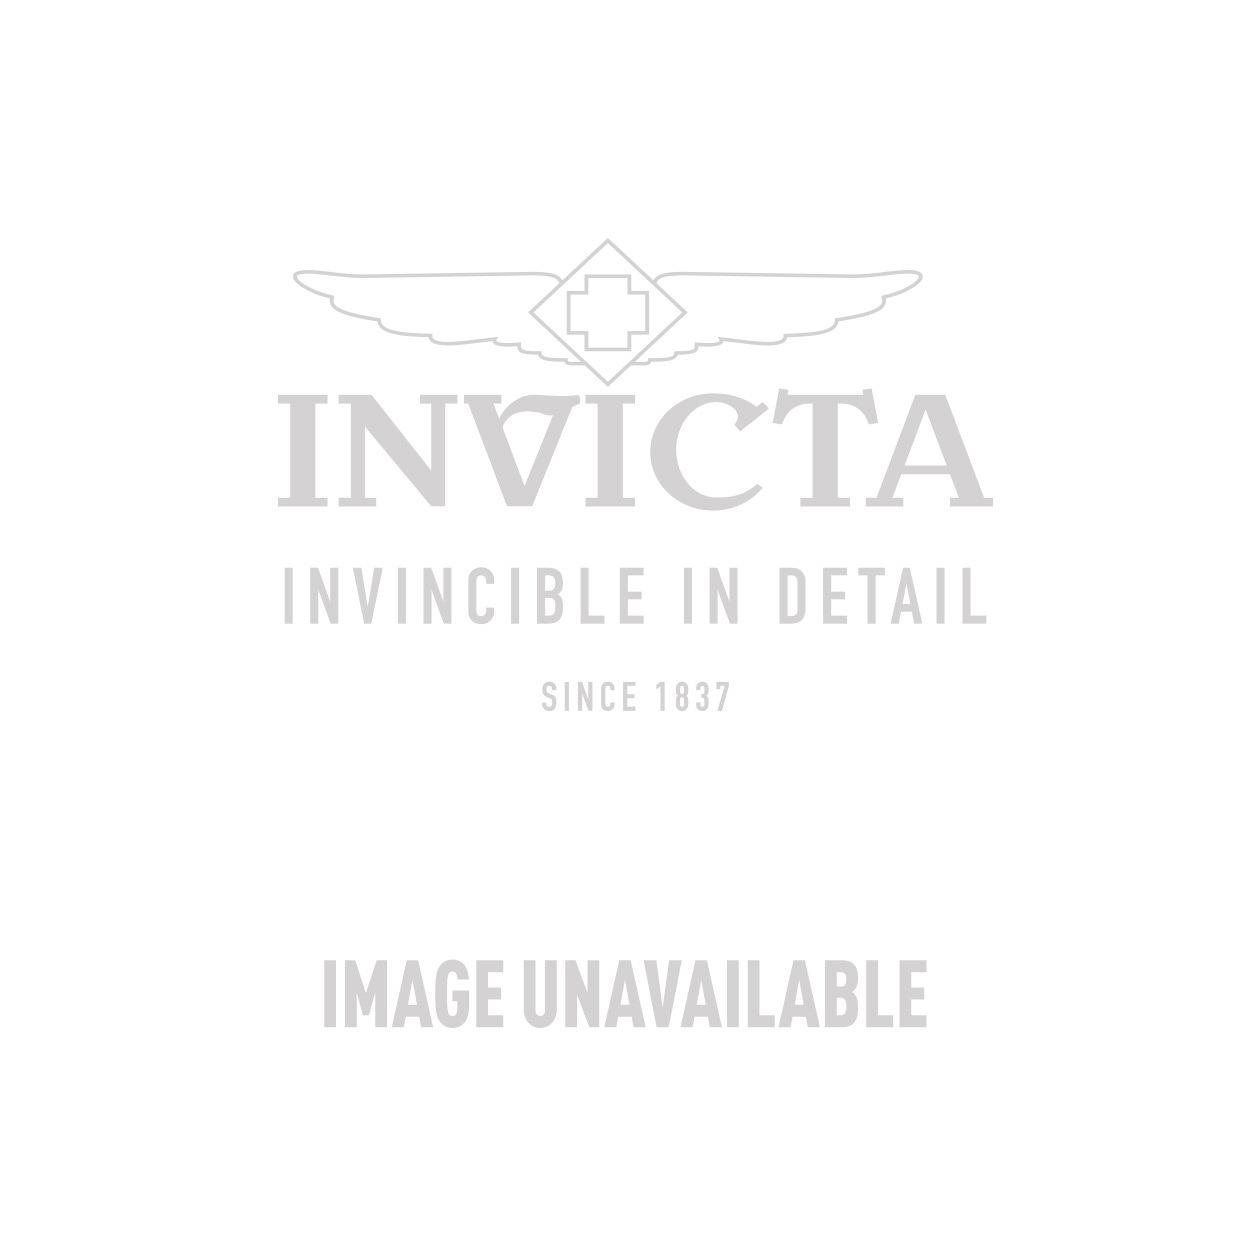 Invicta Subaqua Swiss Made Quartz Watch - Black, Rose case - Model 16146